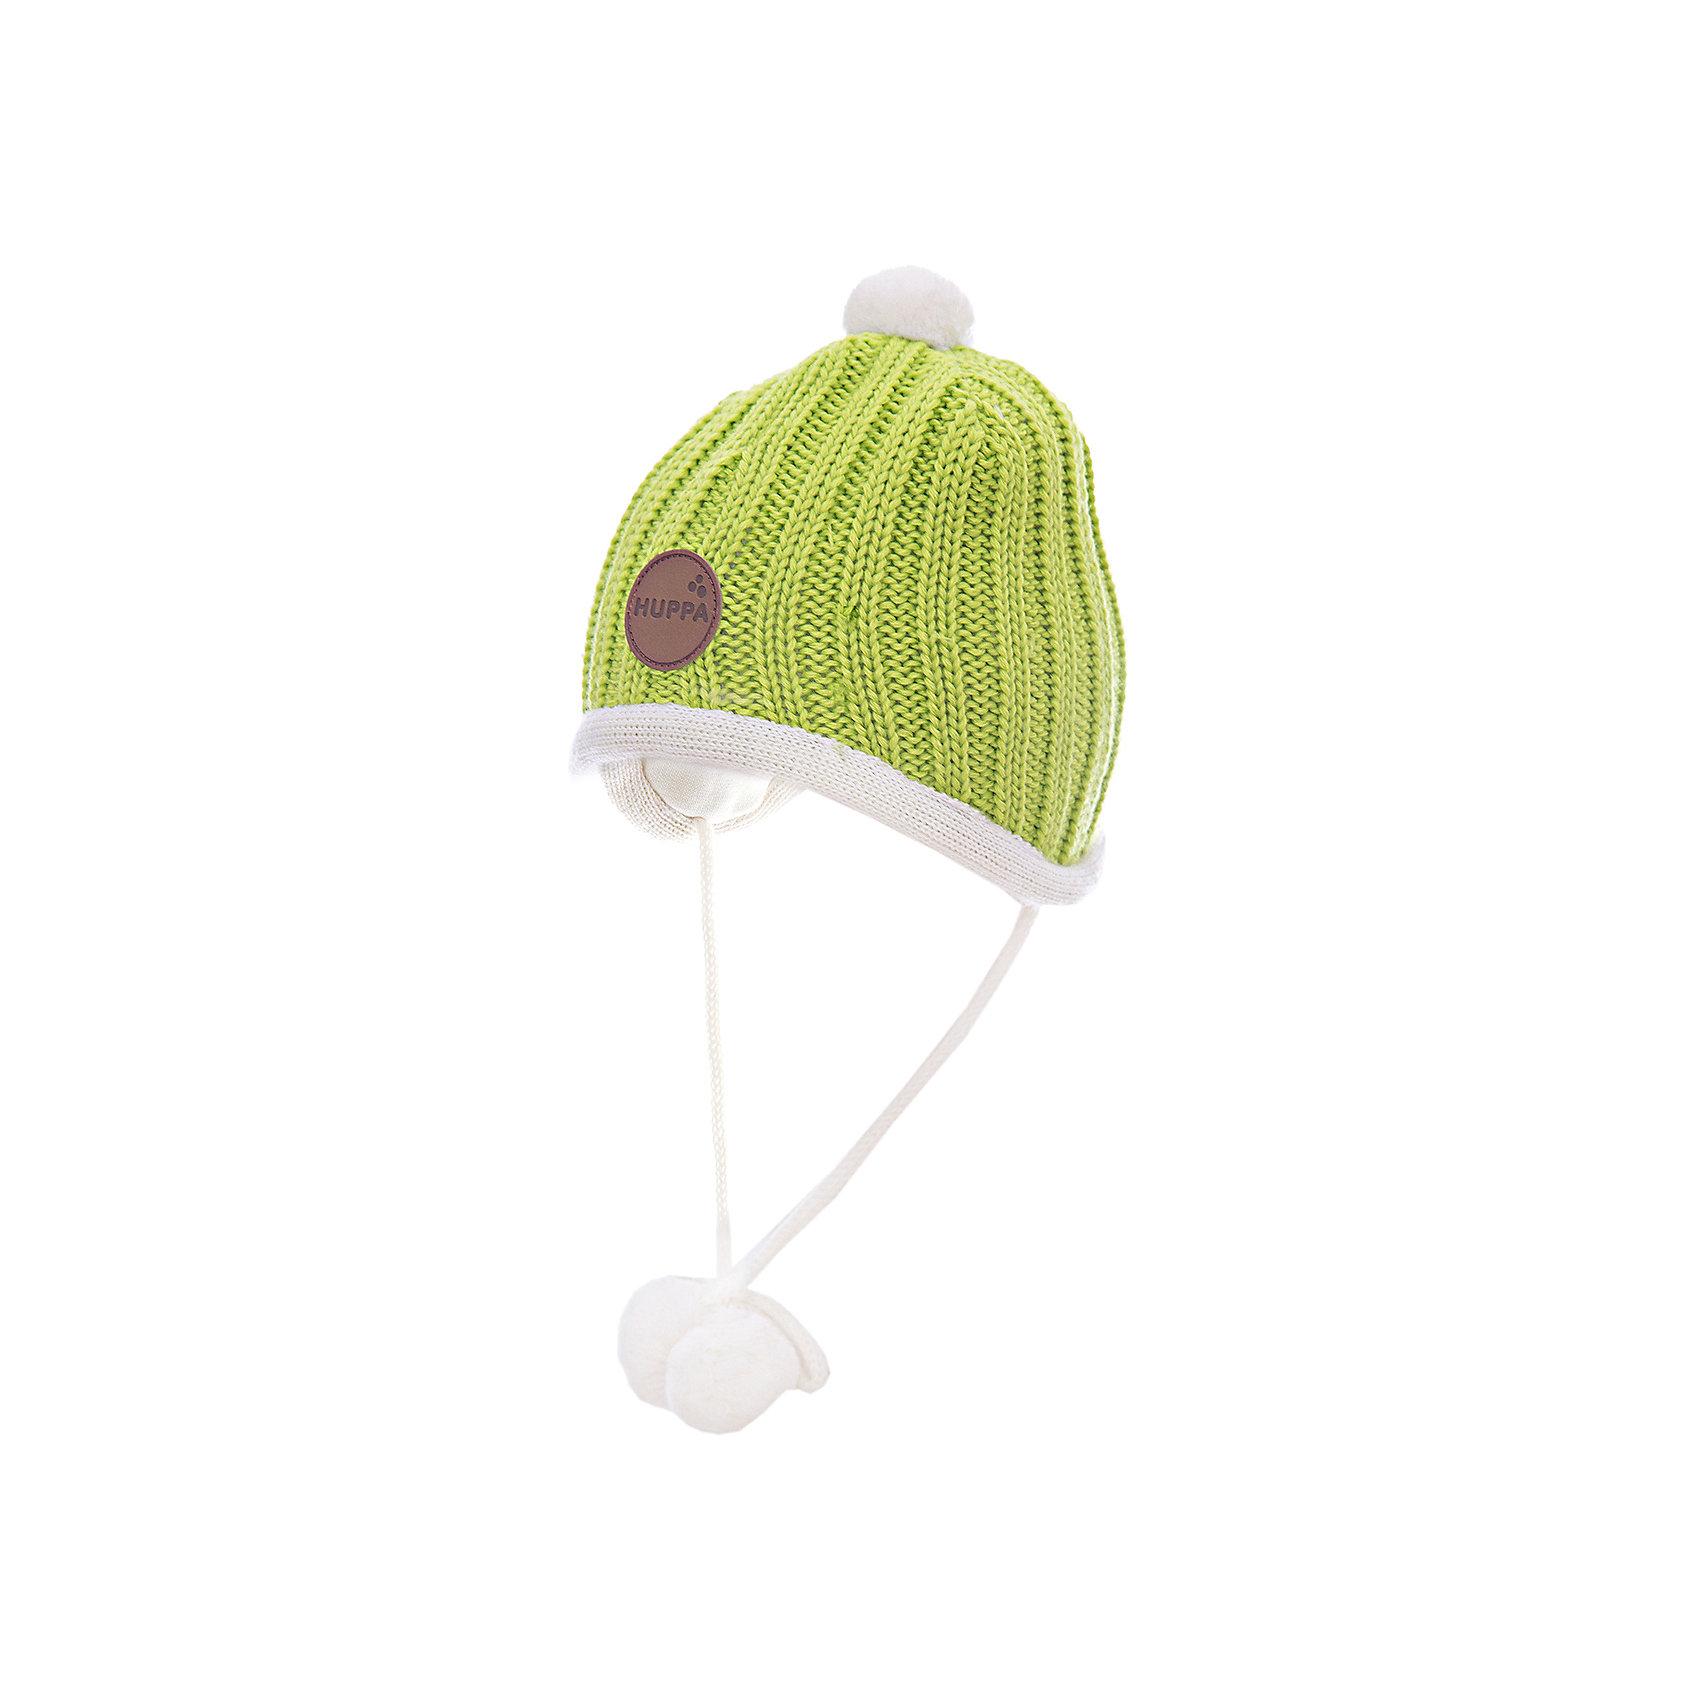 Huppa Шапка Huppa шапка детская huppa шапка зимняя weemi фиолетовый принт